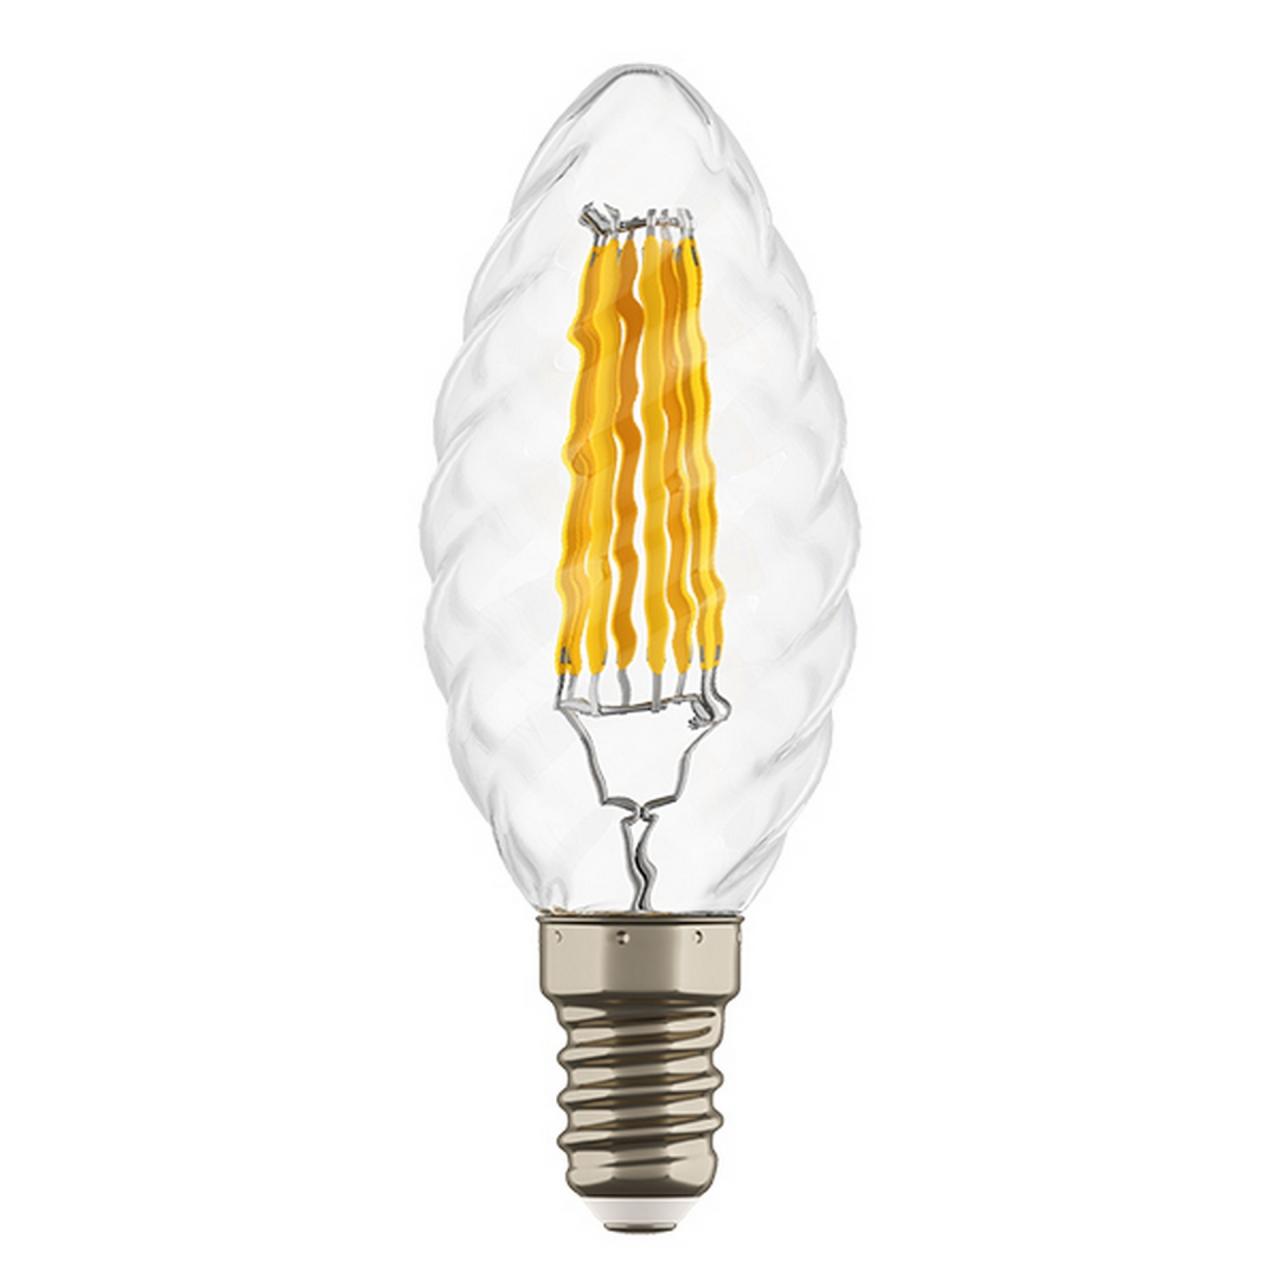 Светодиодная LED лампа FILAMENT 220V, E14, 6W - 4000K, Lightstar 933704